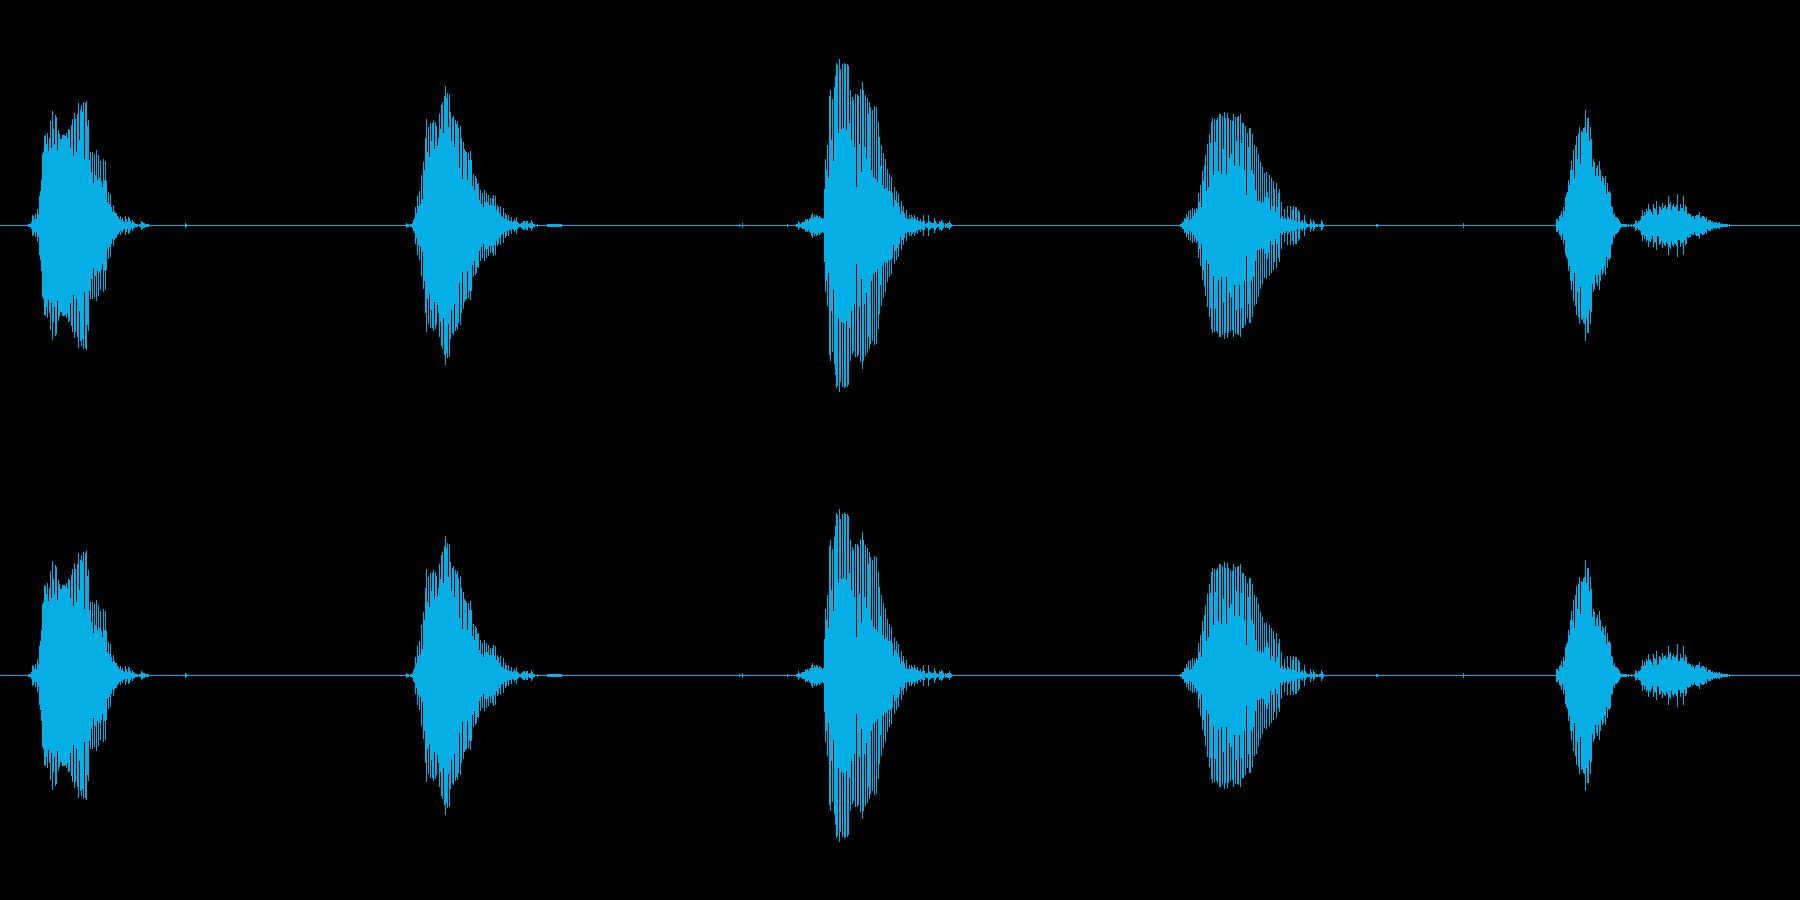 5~1までカウントダウンしたセリフです。の再生済みの波形